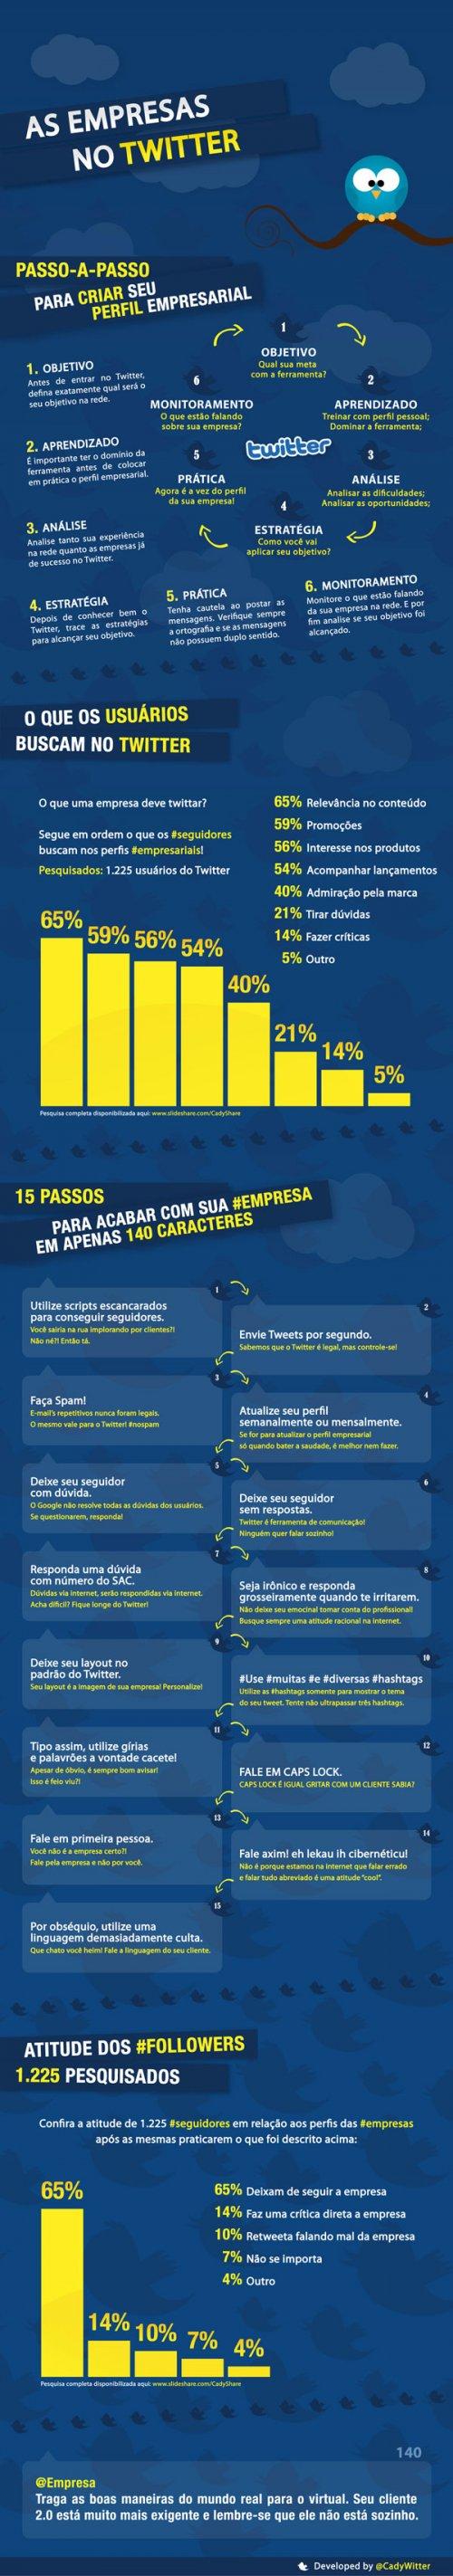 infografico_empresas_no_twitter_